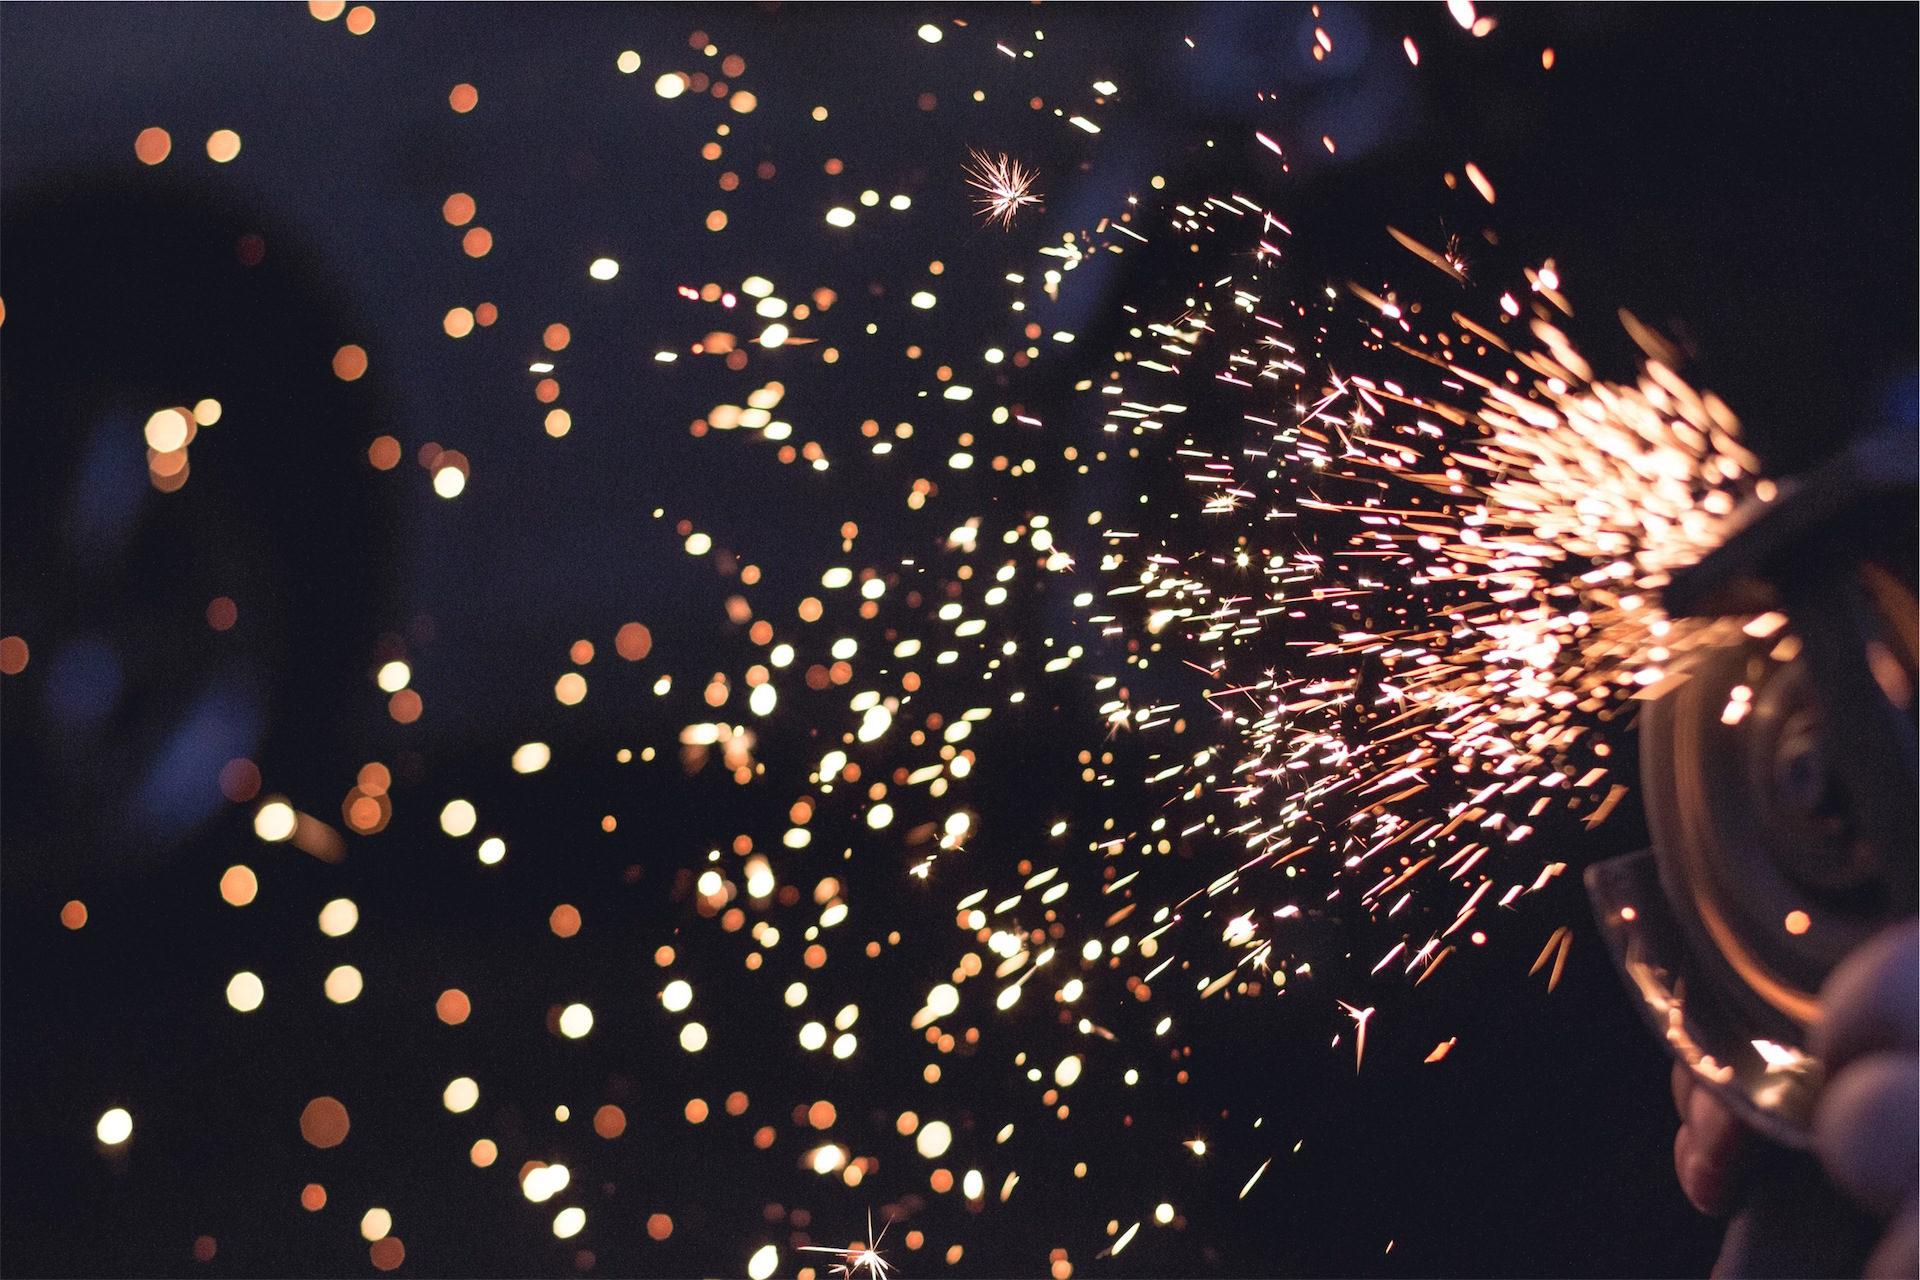 Спаркс, фары, огонь, взрыв, мигает - Обои HD - Профессор falken.com